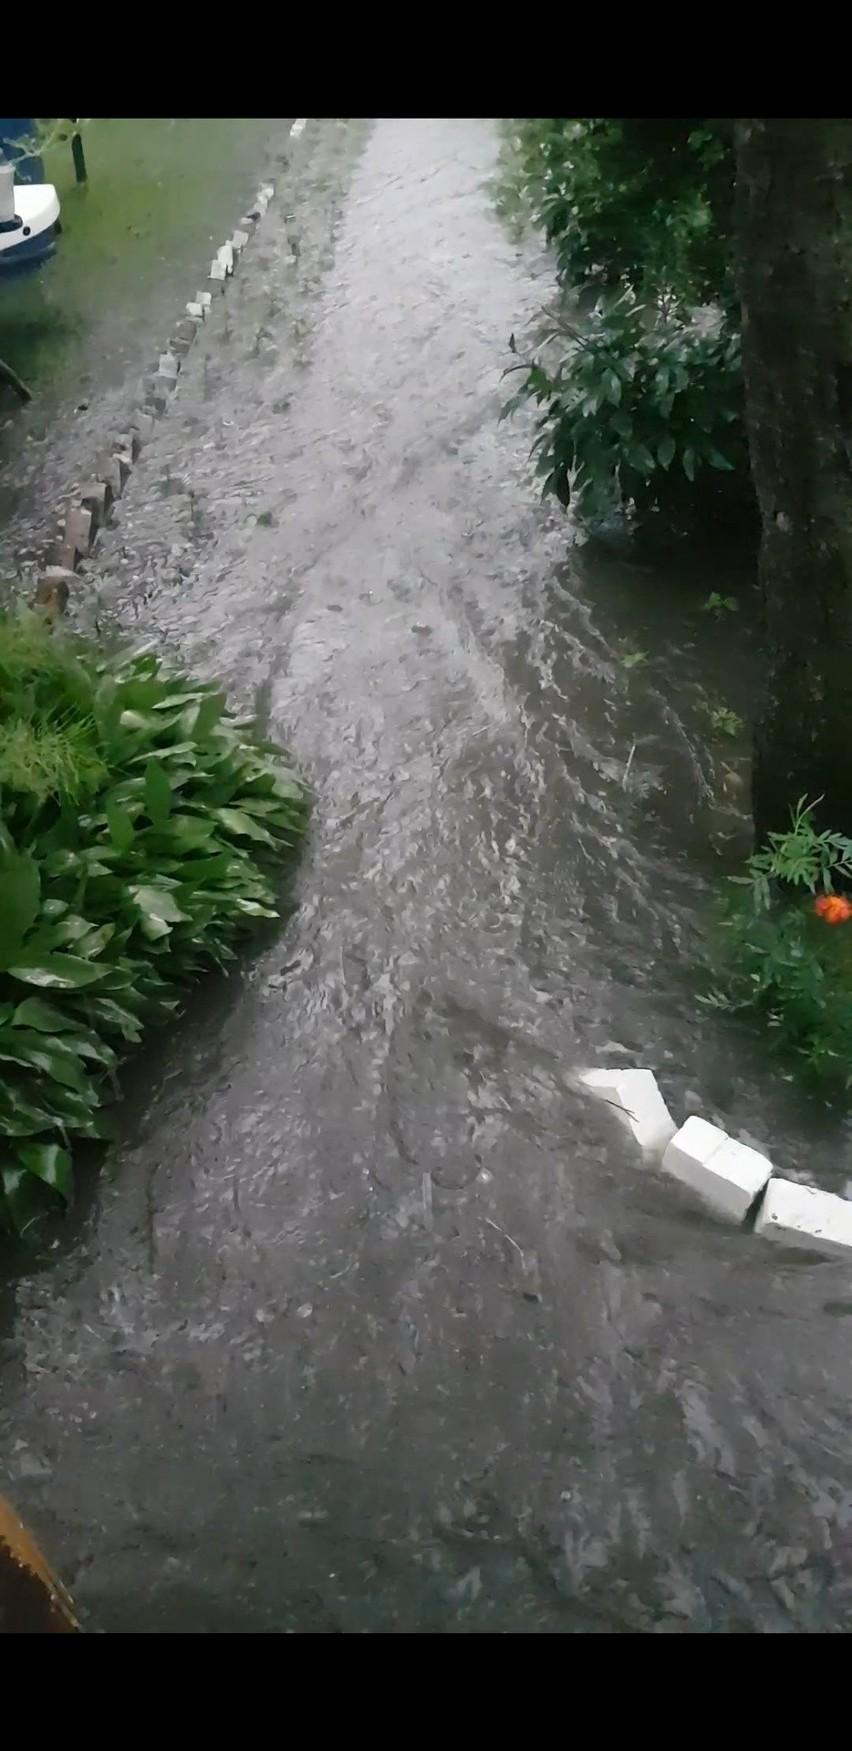 Tak wyglądają skutki intensywnych deszczy na ogródku...